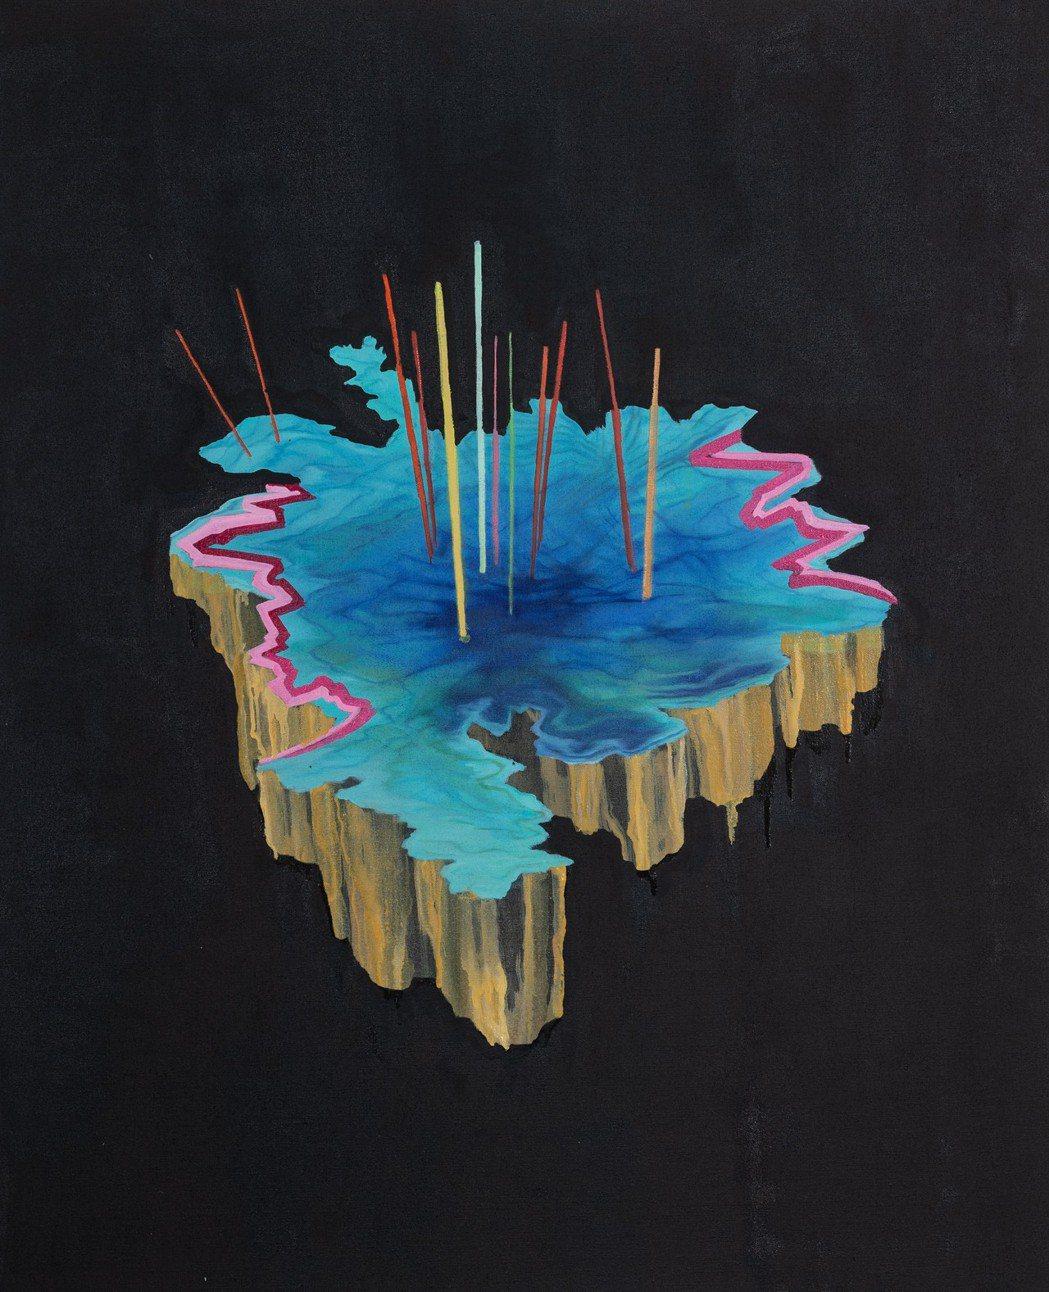 展覽亮點之一:挪威藝術家瑪利安.莫里(Marianne Morild)的系列畫作...